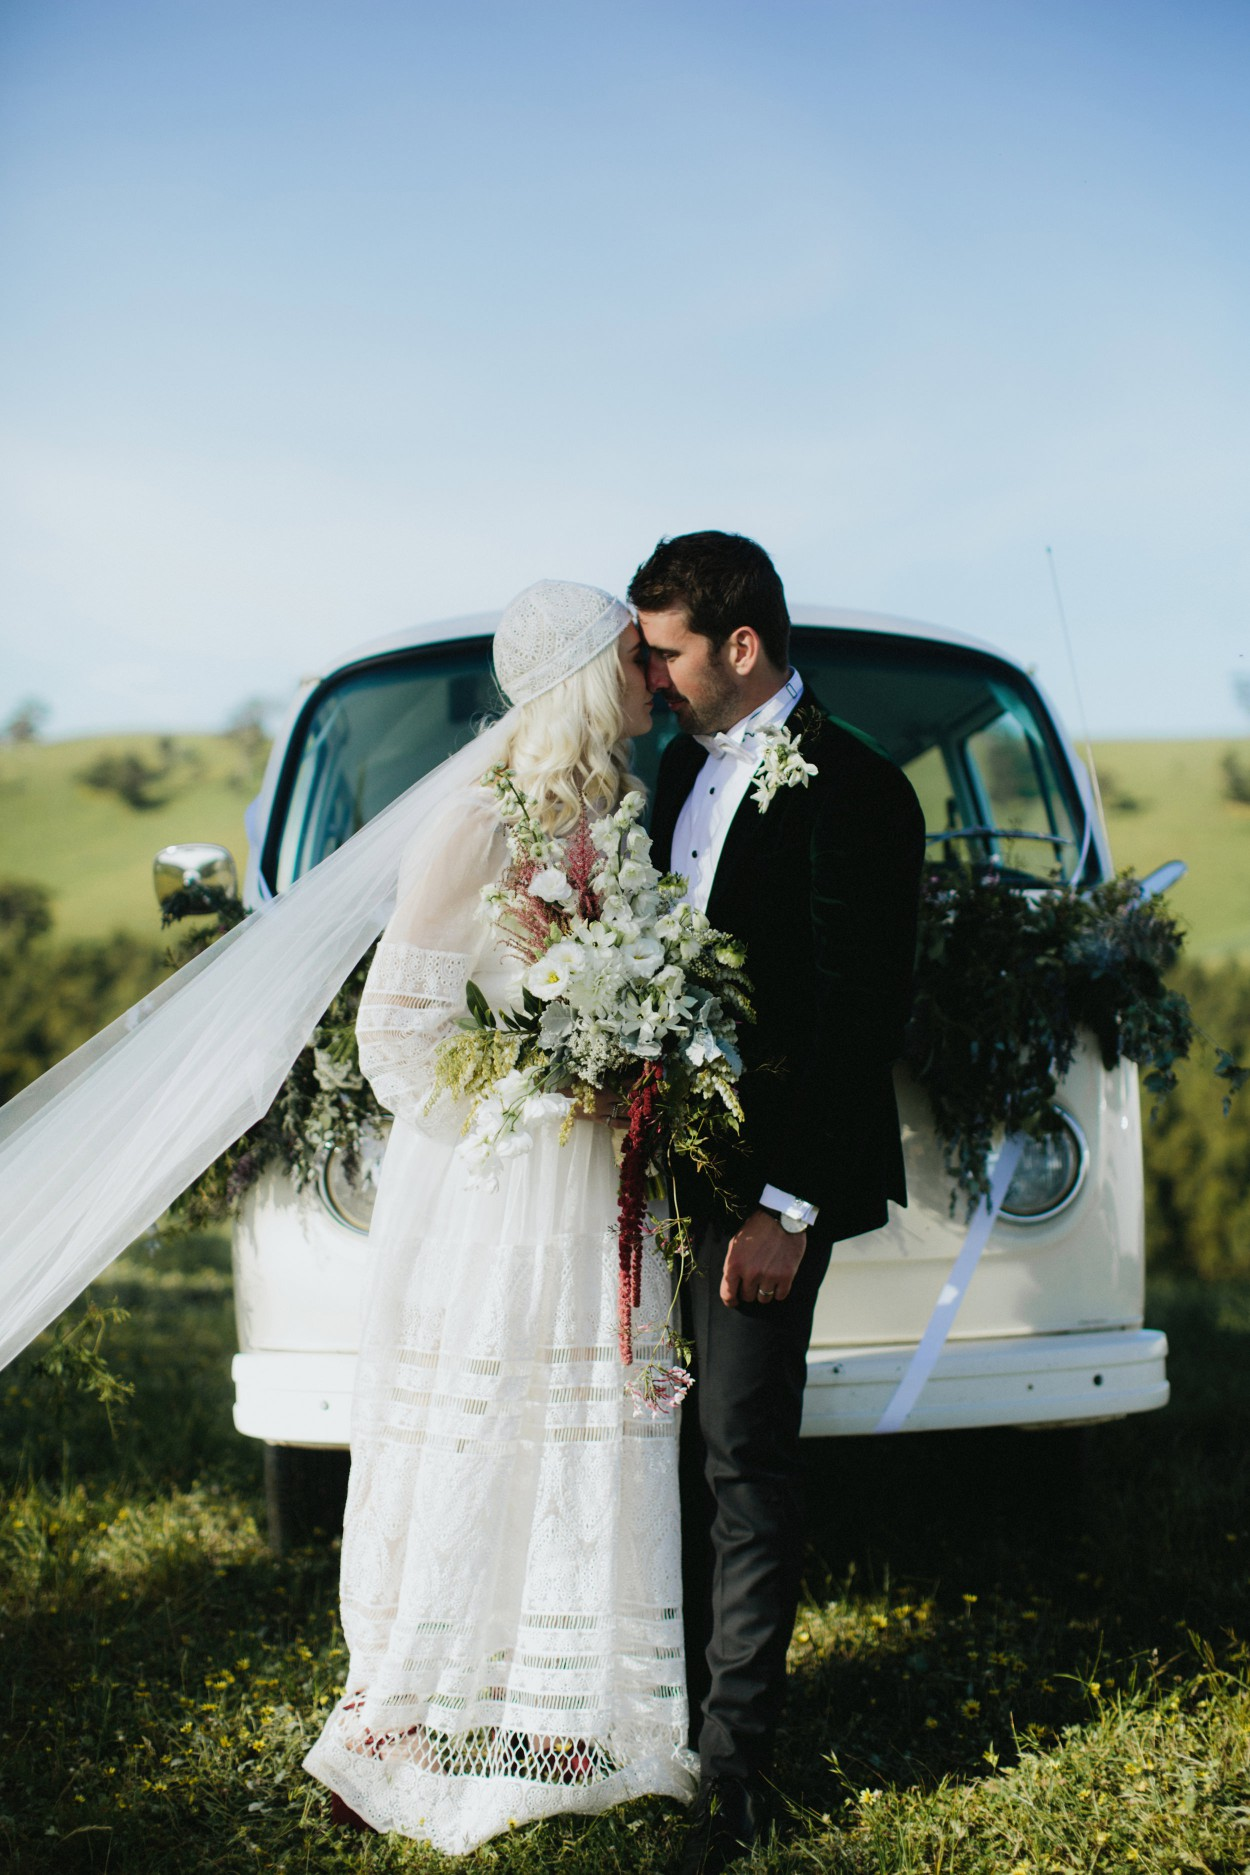 I-Got-You-Babe-Weddings-Farm-Wedding-Emma-Tim177.jpg